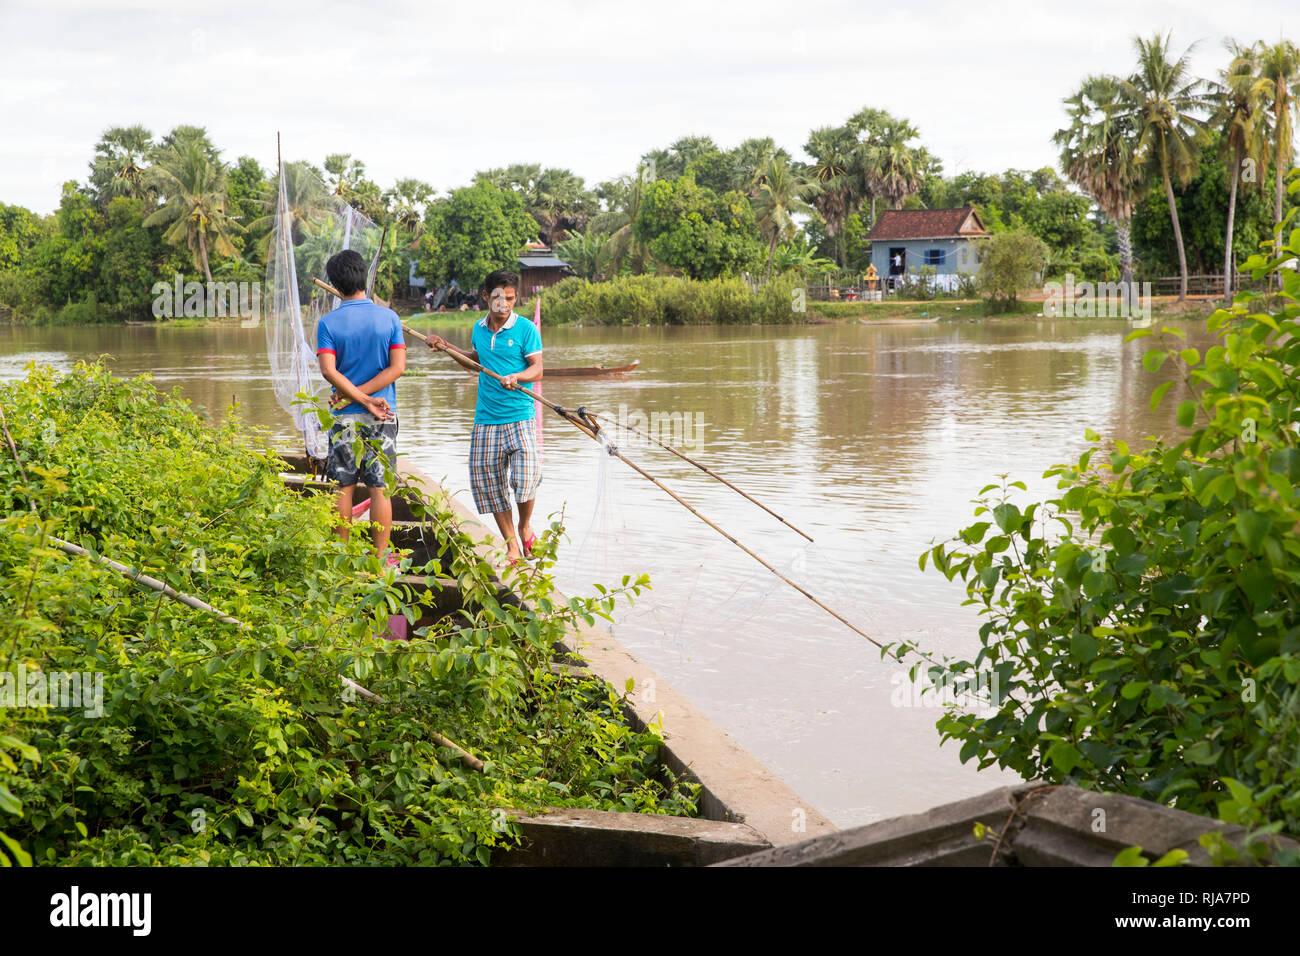 Straßenszene, Fischen an einem Fluss - Stock Image